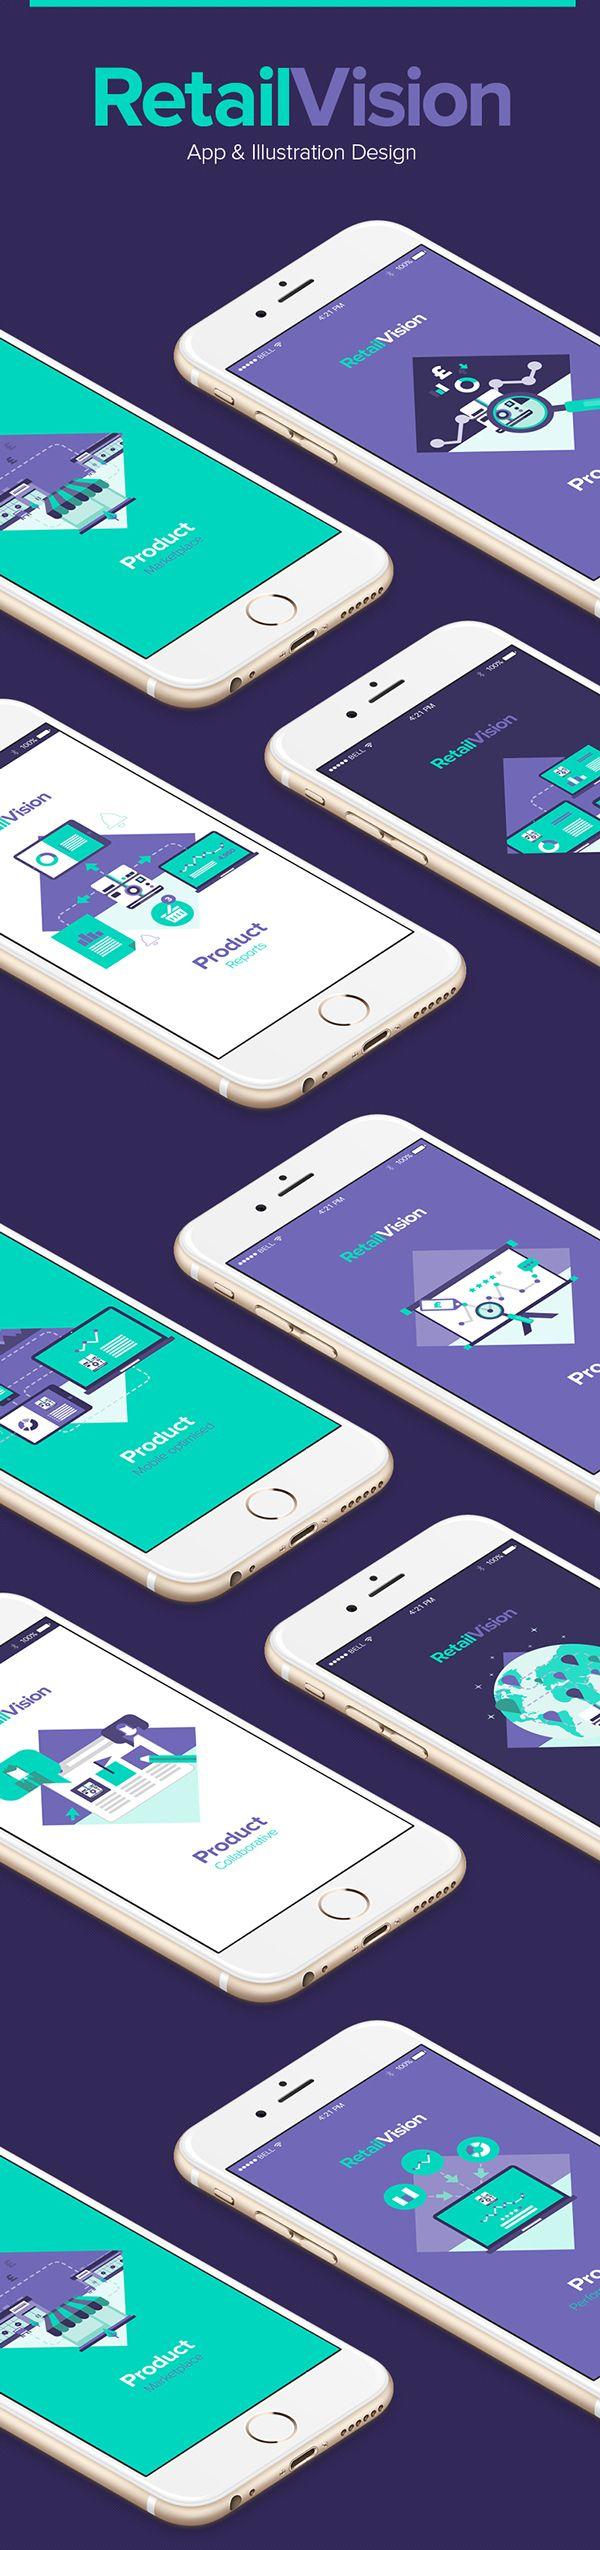 Unique App Design, RetailVision #App #Design